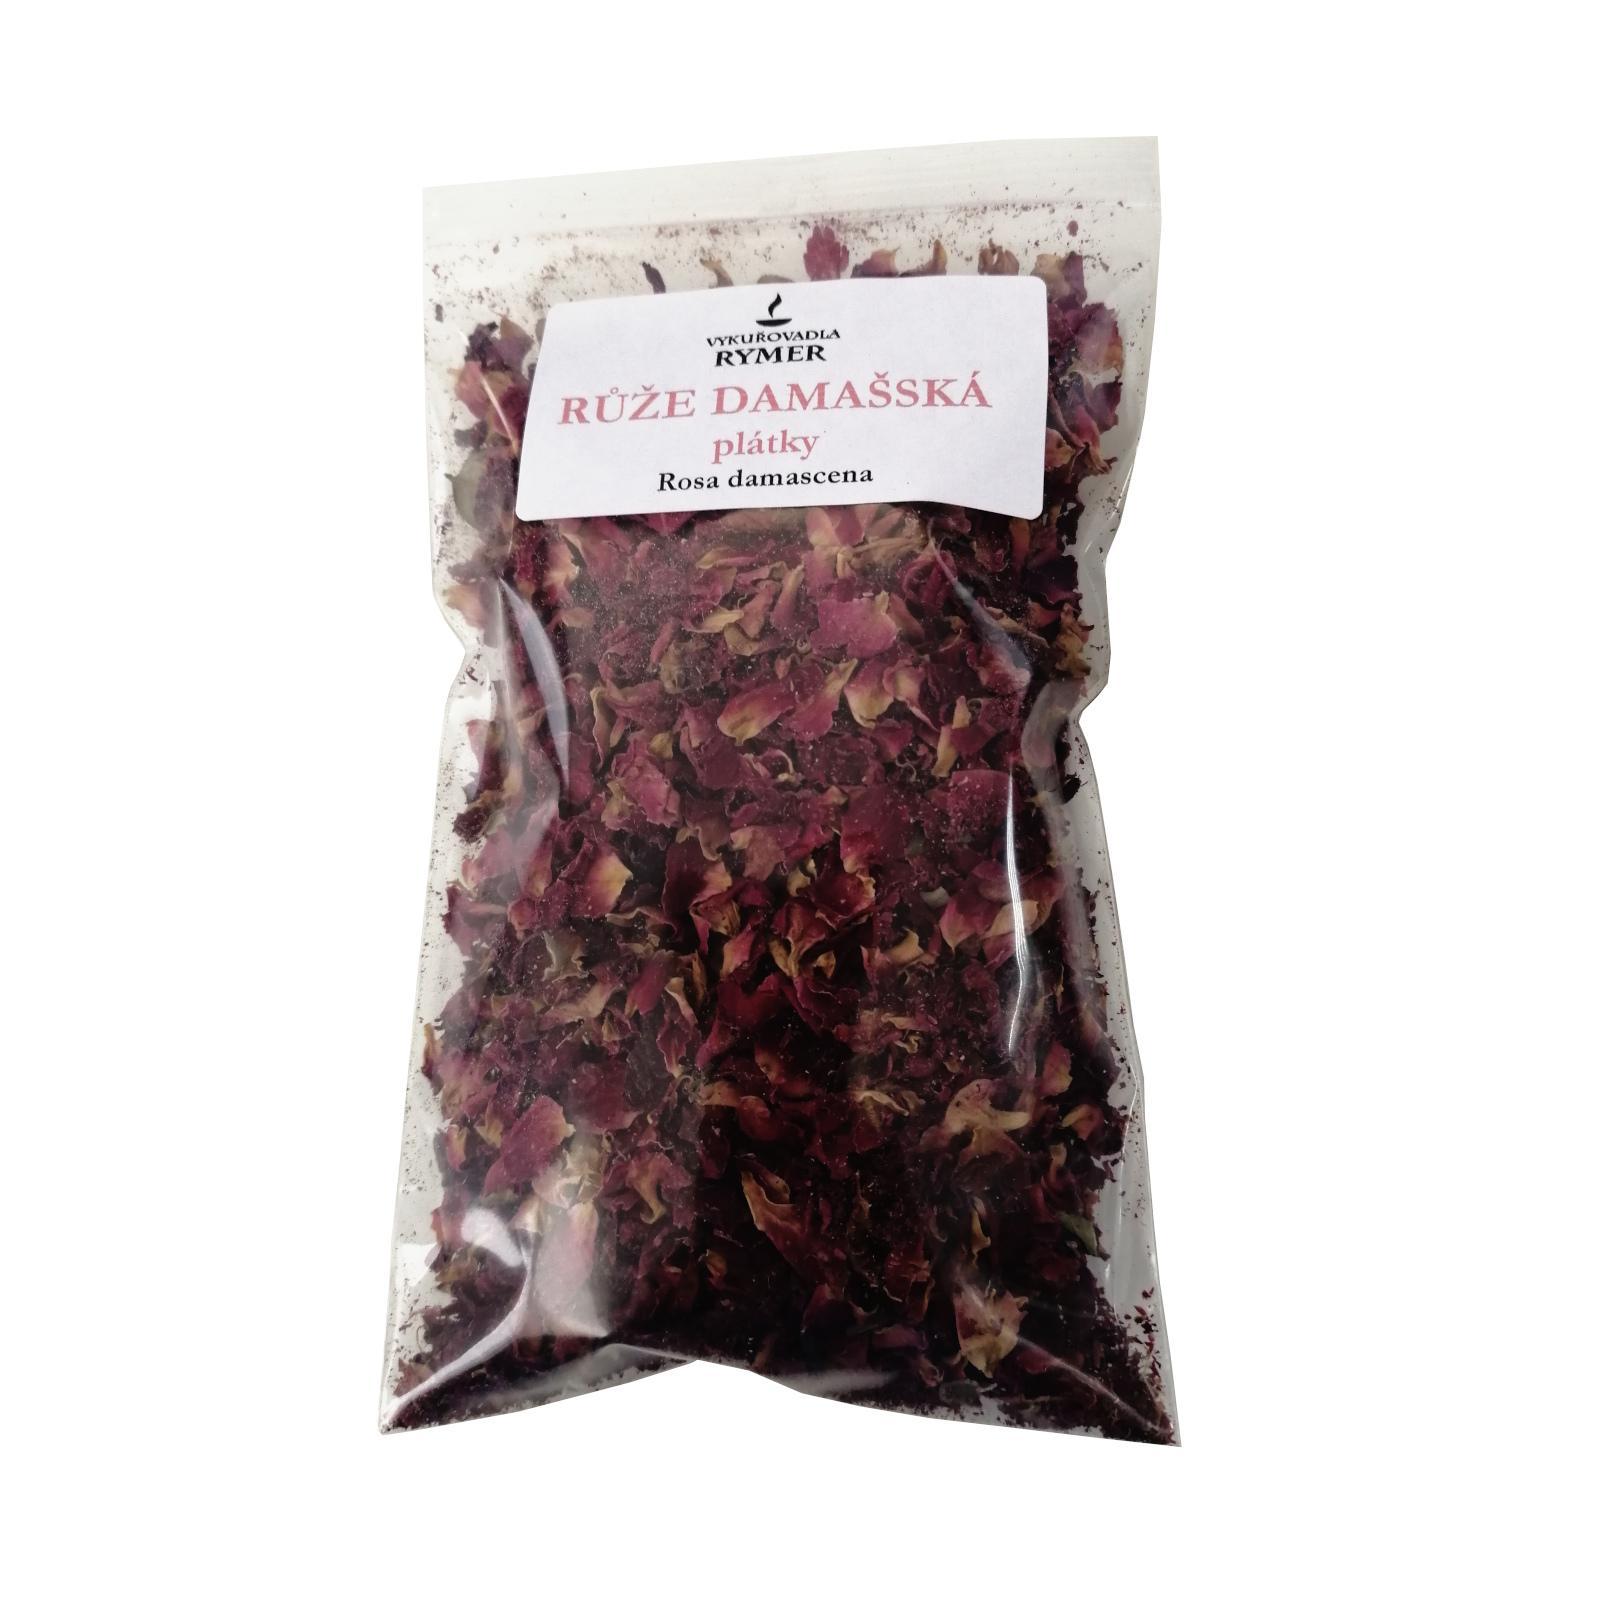 Vykuřovadla Rymer Růže damašská - plátky 20 g